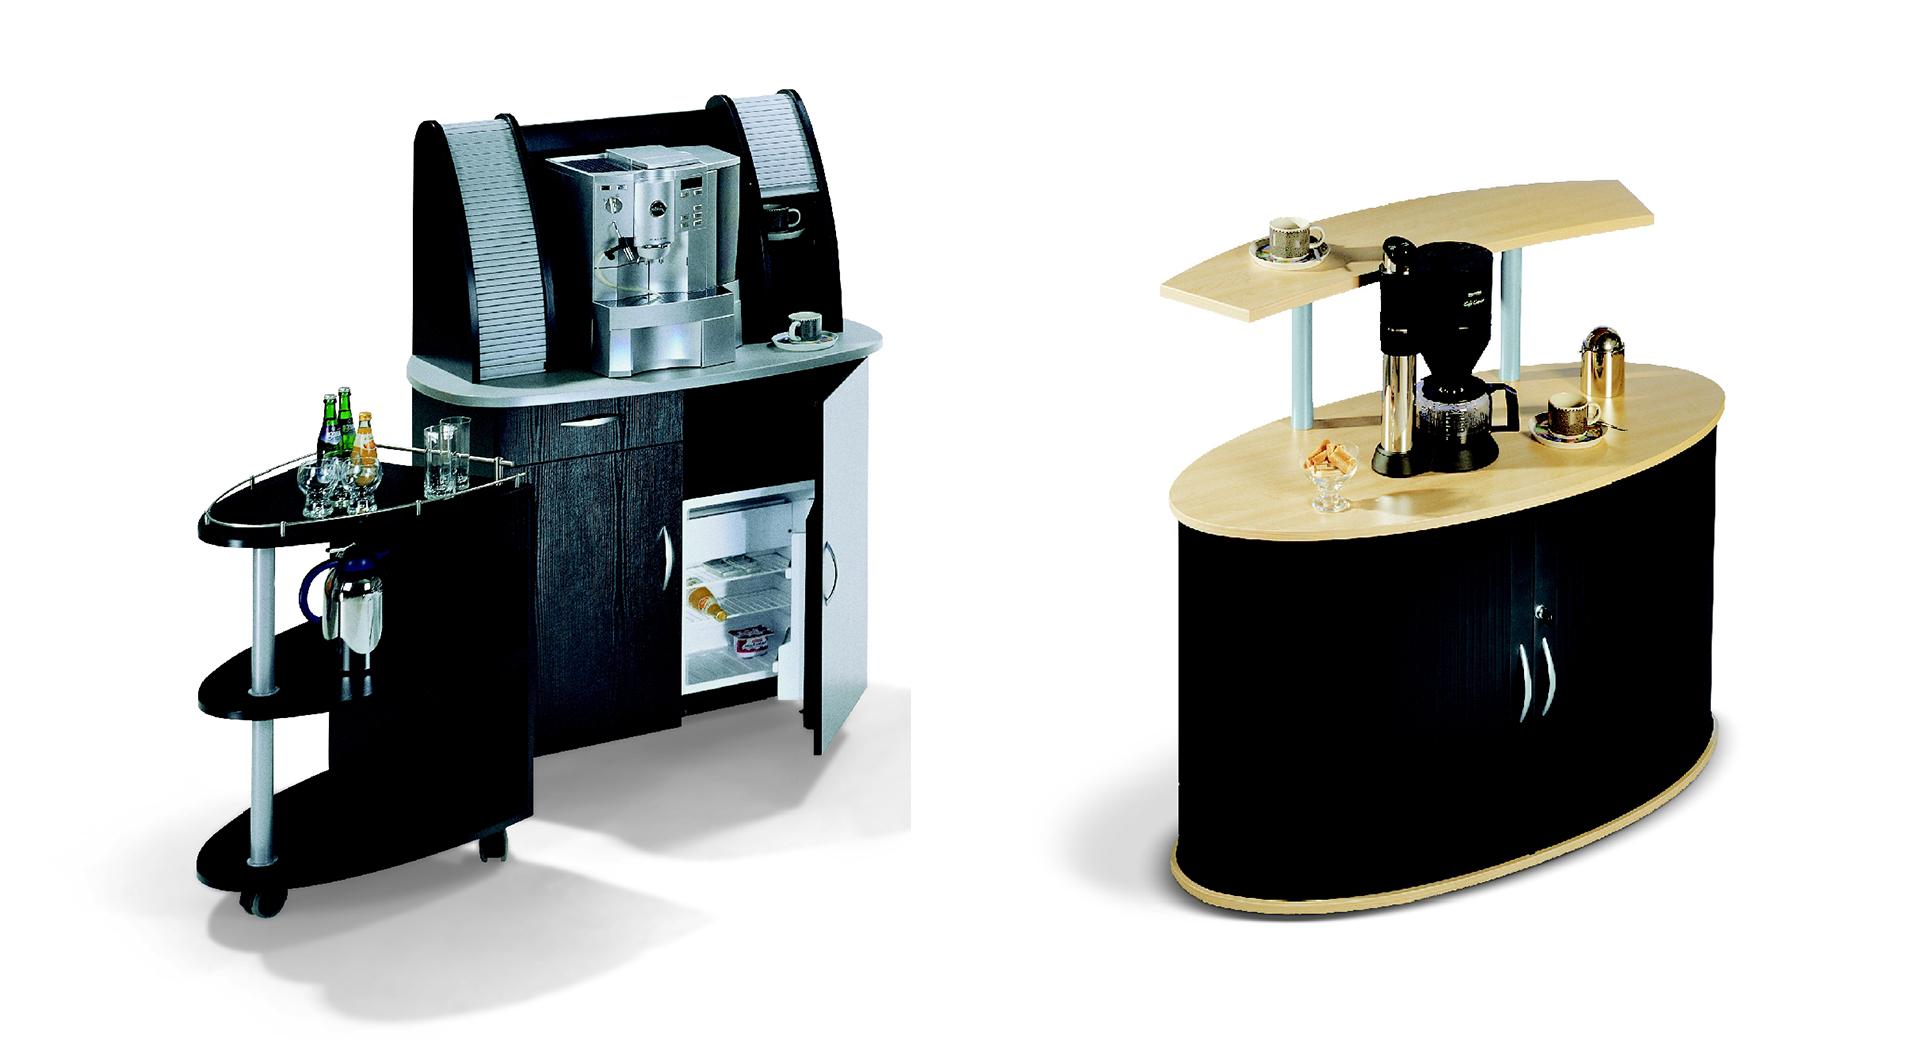 empfangstheke hochglanz empfangstheken kaffetheken .jpg77